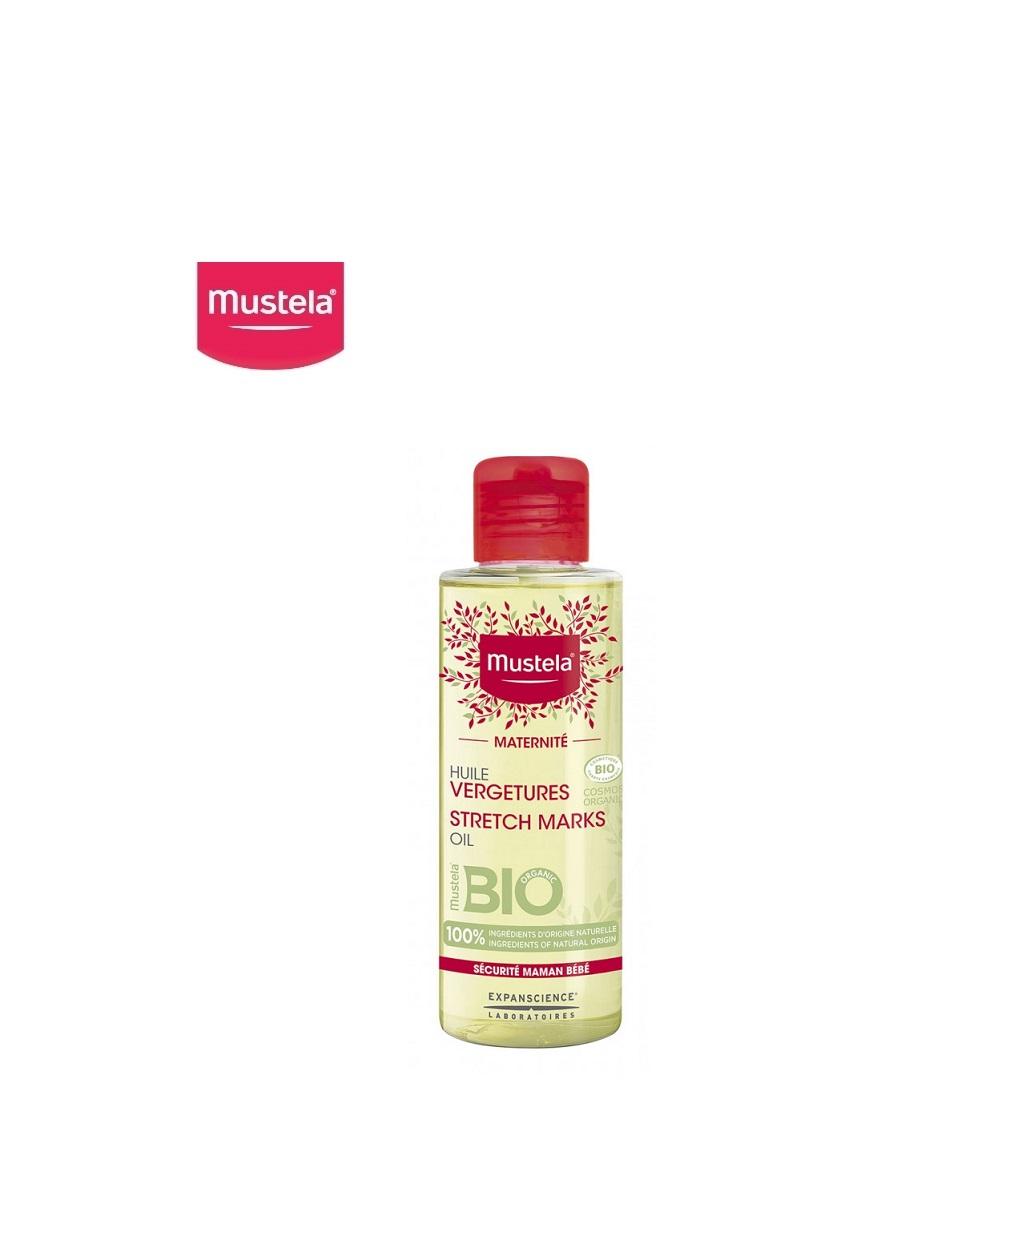 Mustela-olio-smagliature-BIO-105-ml